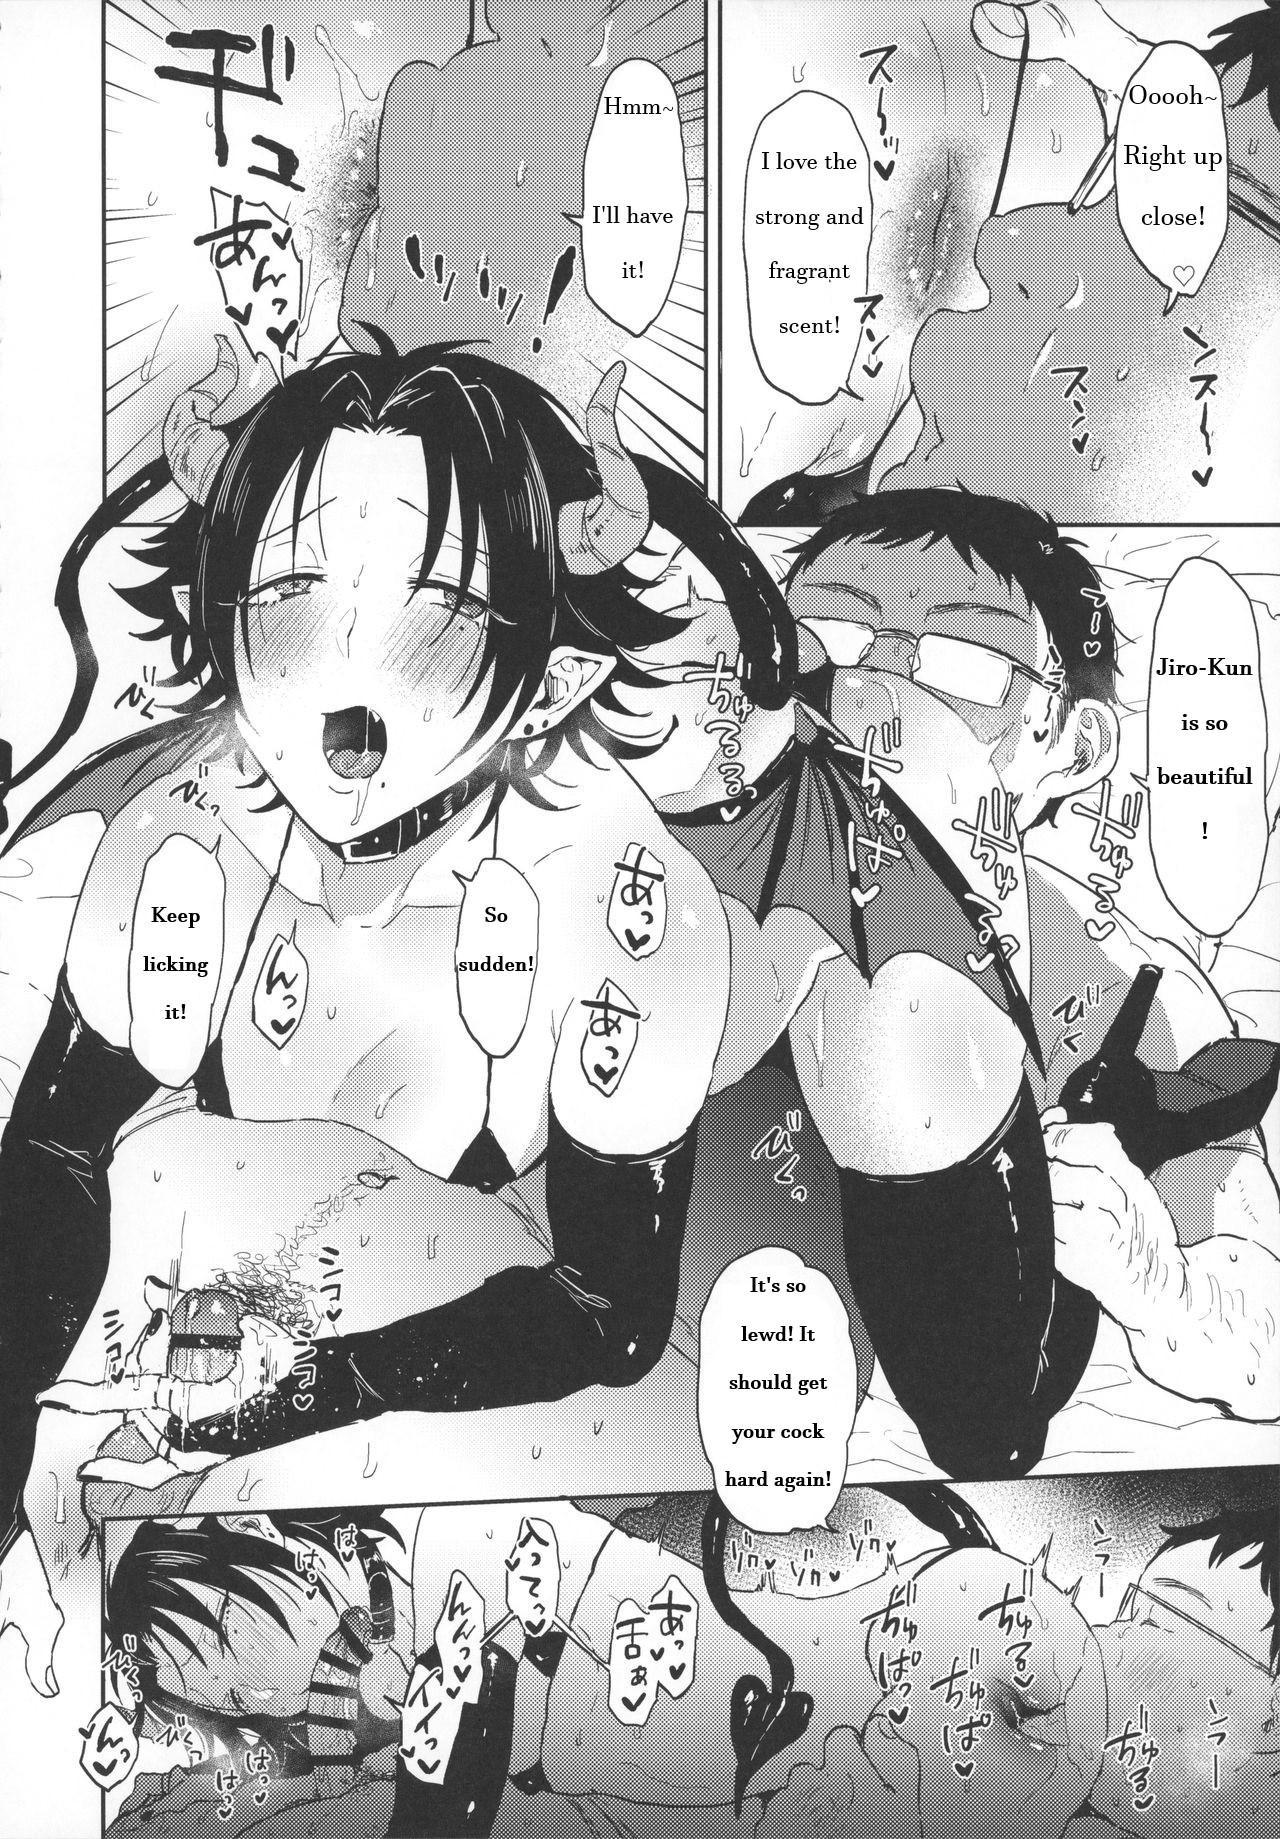 Bokuro no Dosukebe Inma to Nama Shibori Sex 6